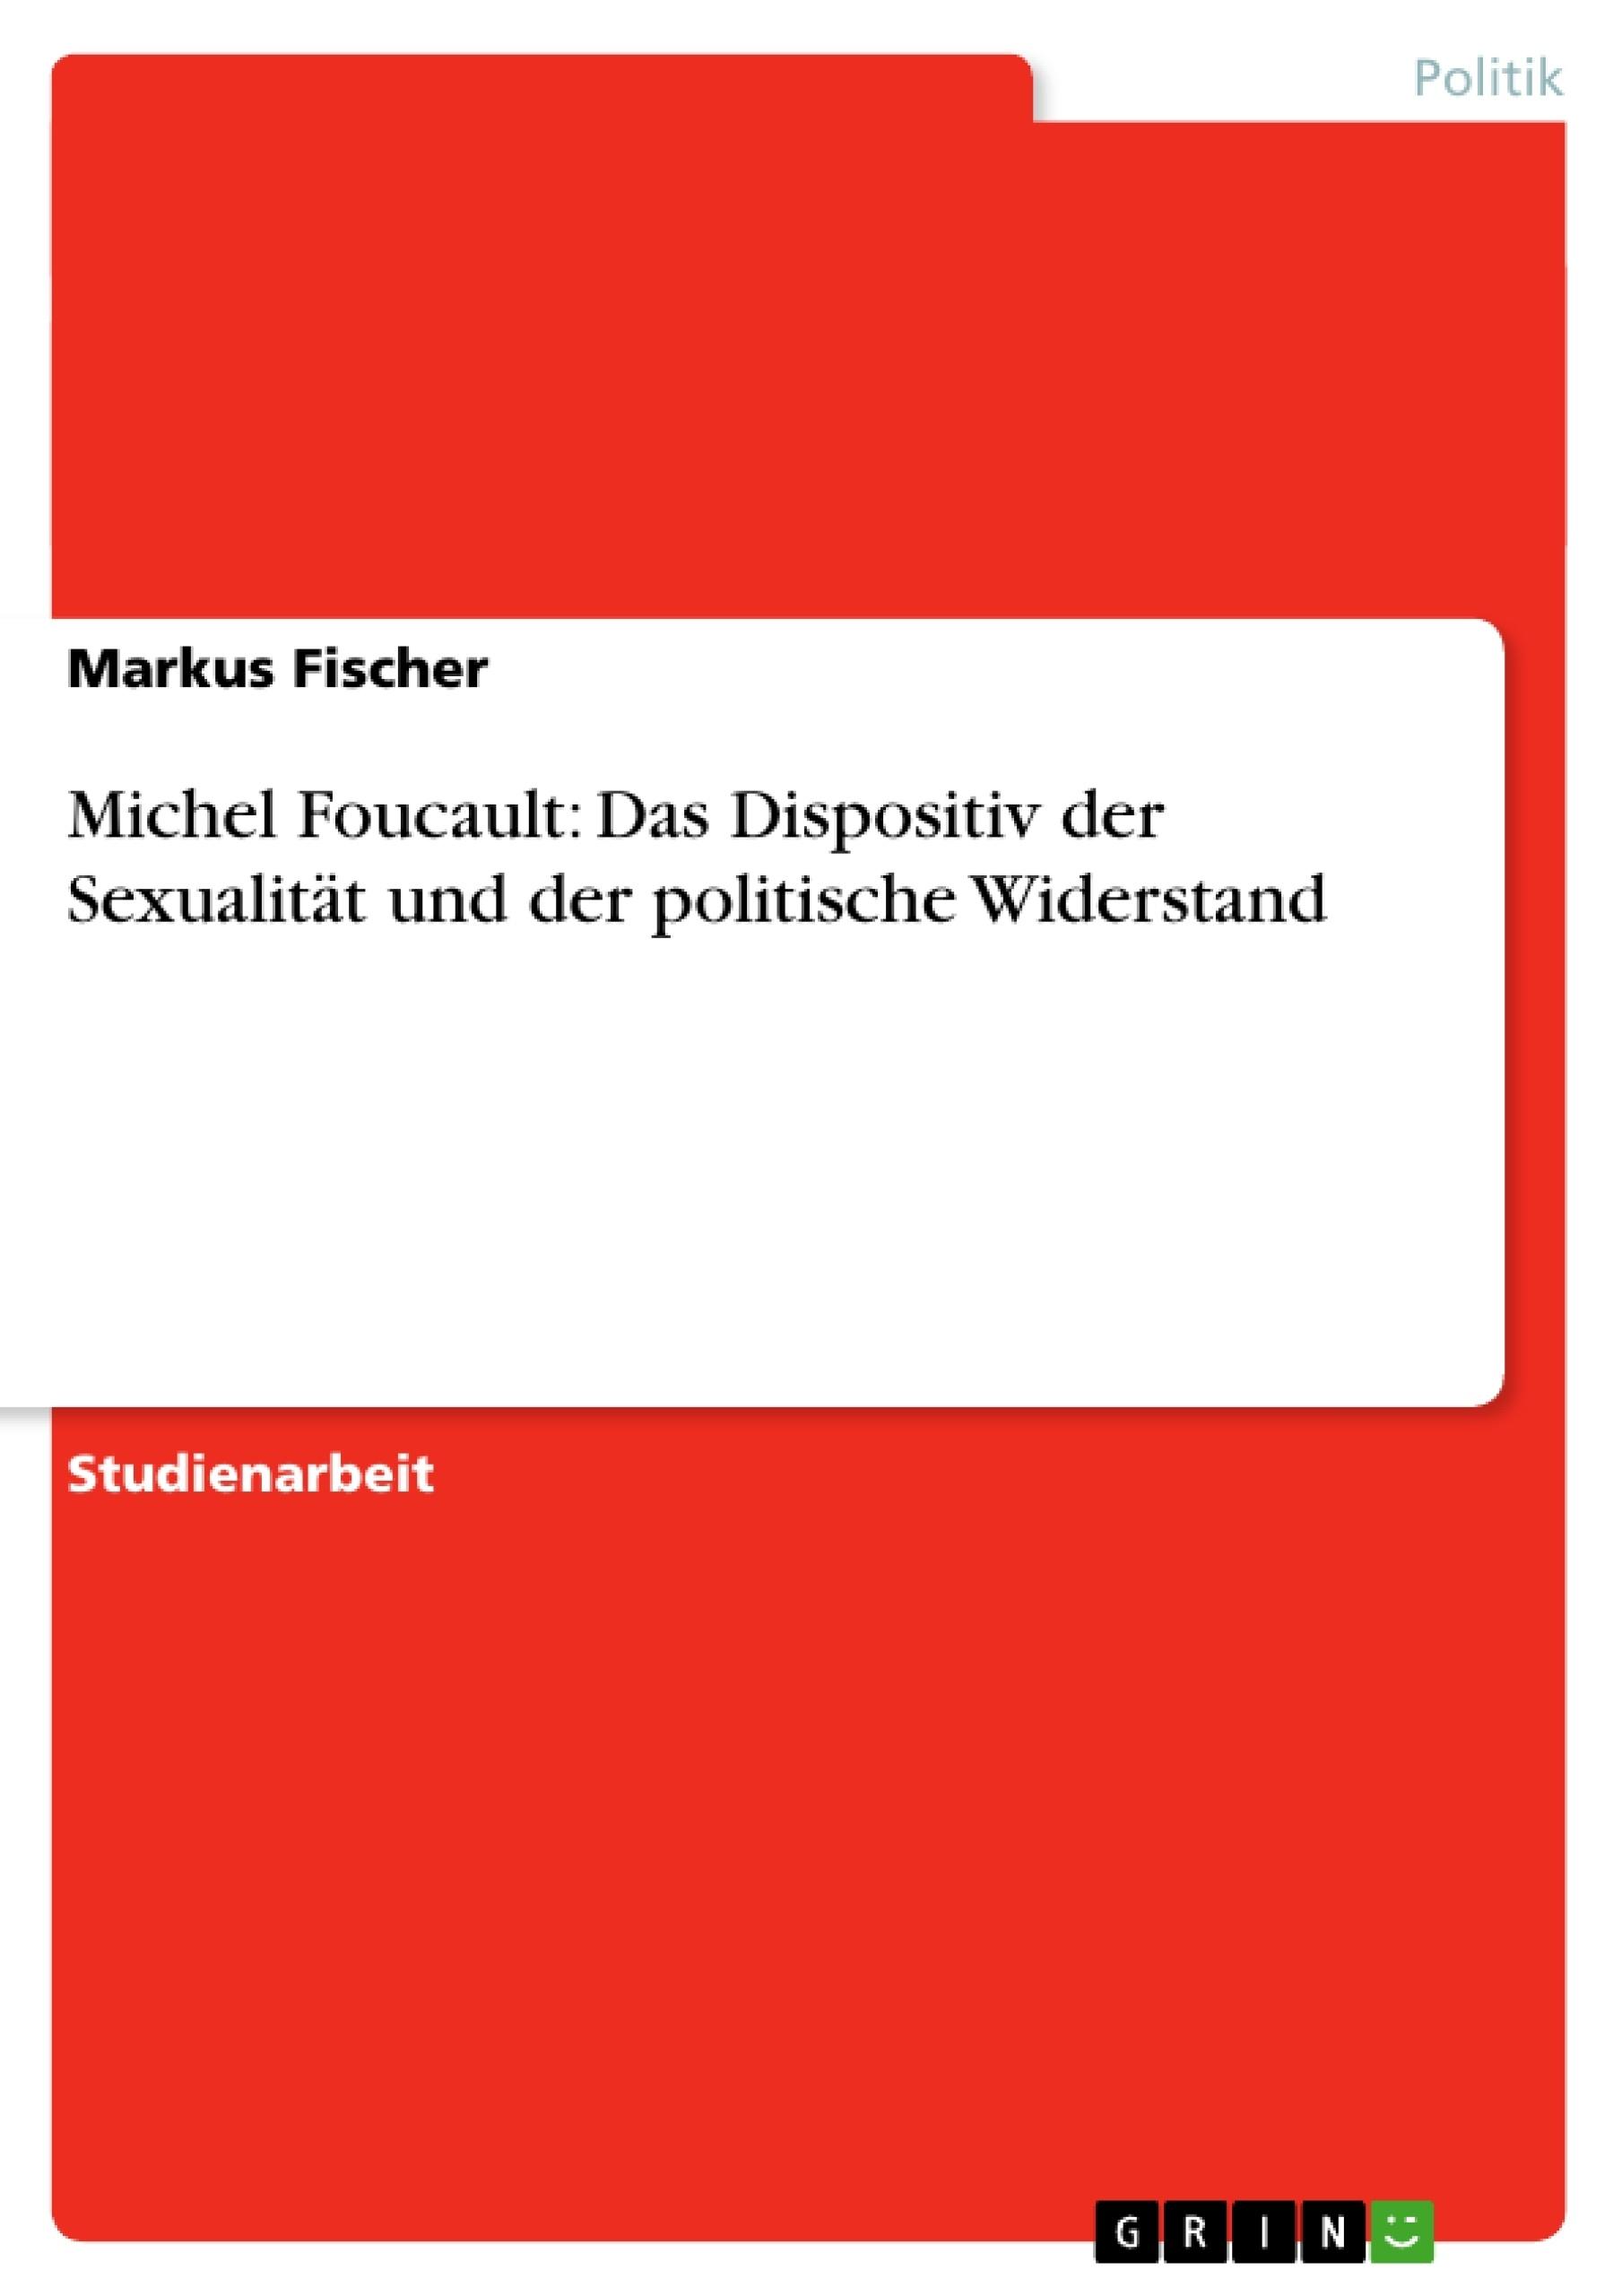 Titel: Michel Foucault: Das Dispositiv der Sexualität und der politische Widerstand